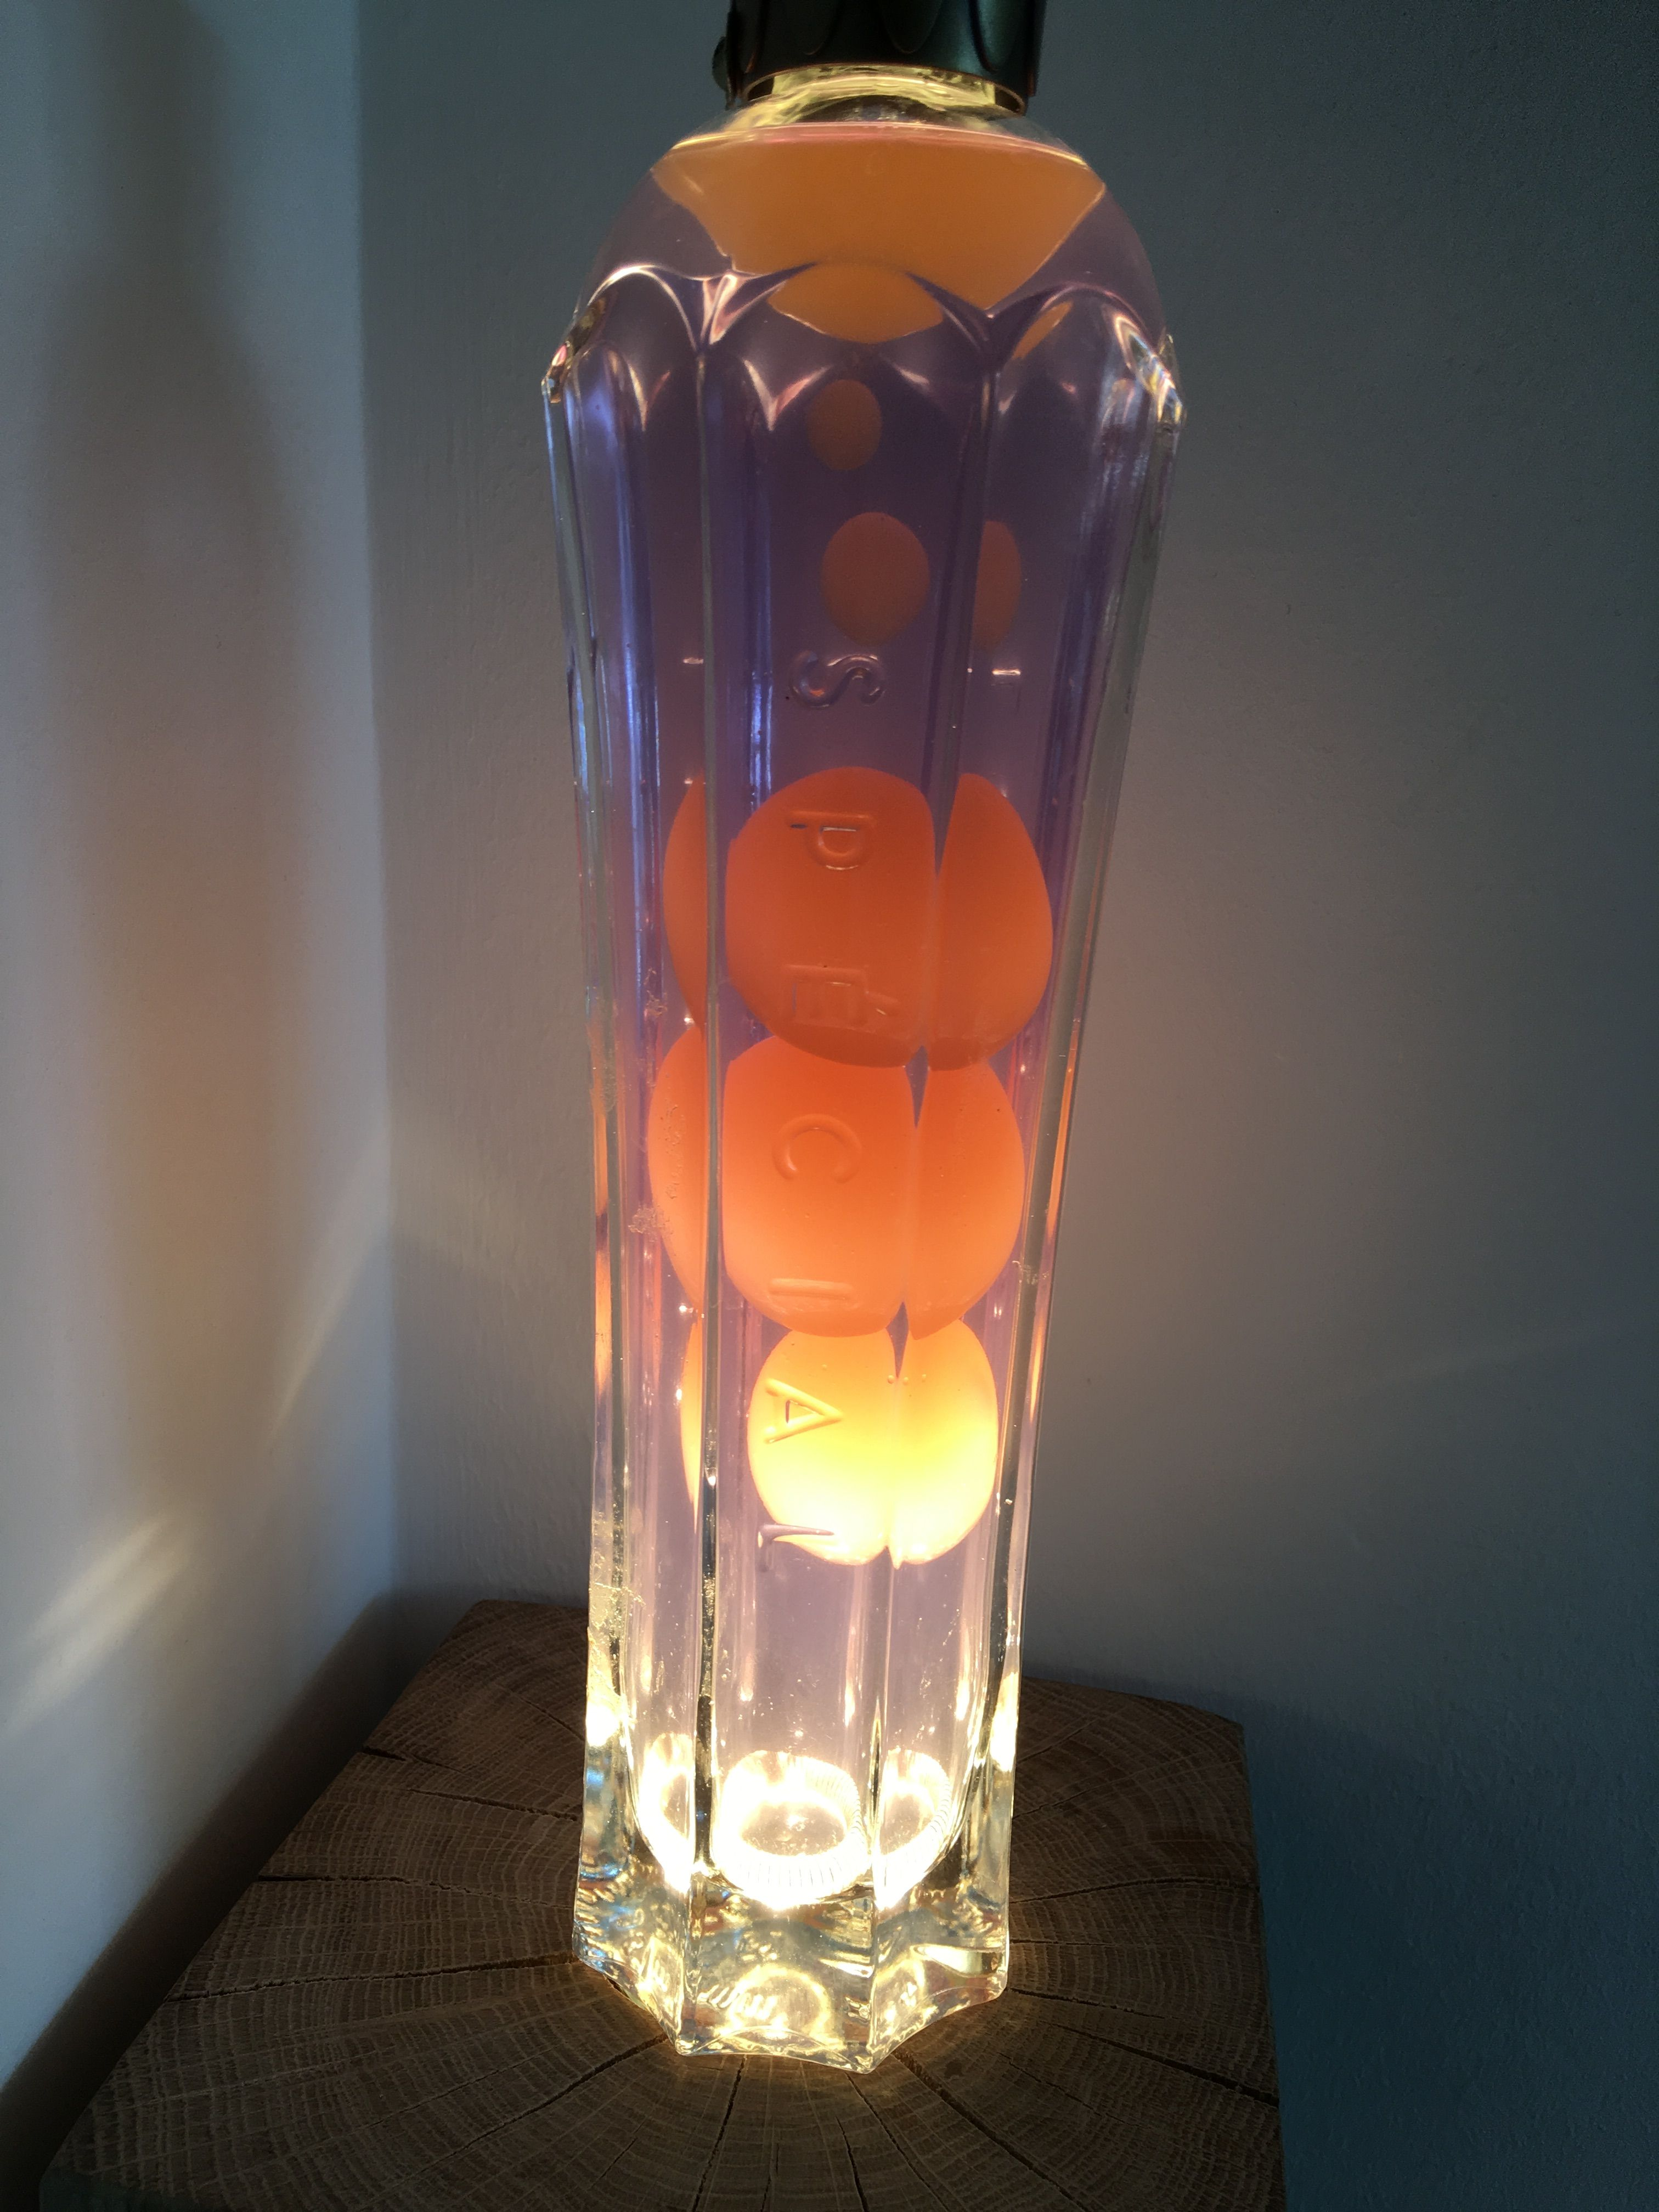 Made This Lava Lamp From A Bottle Of St Germain Elderflower Liquor